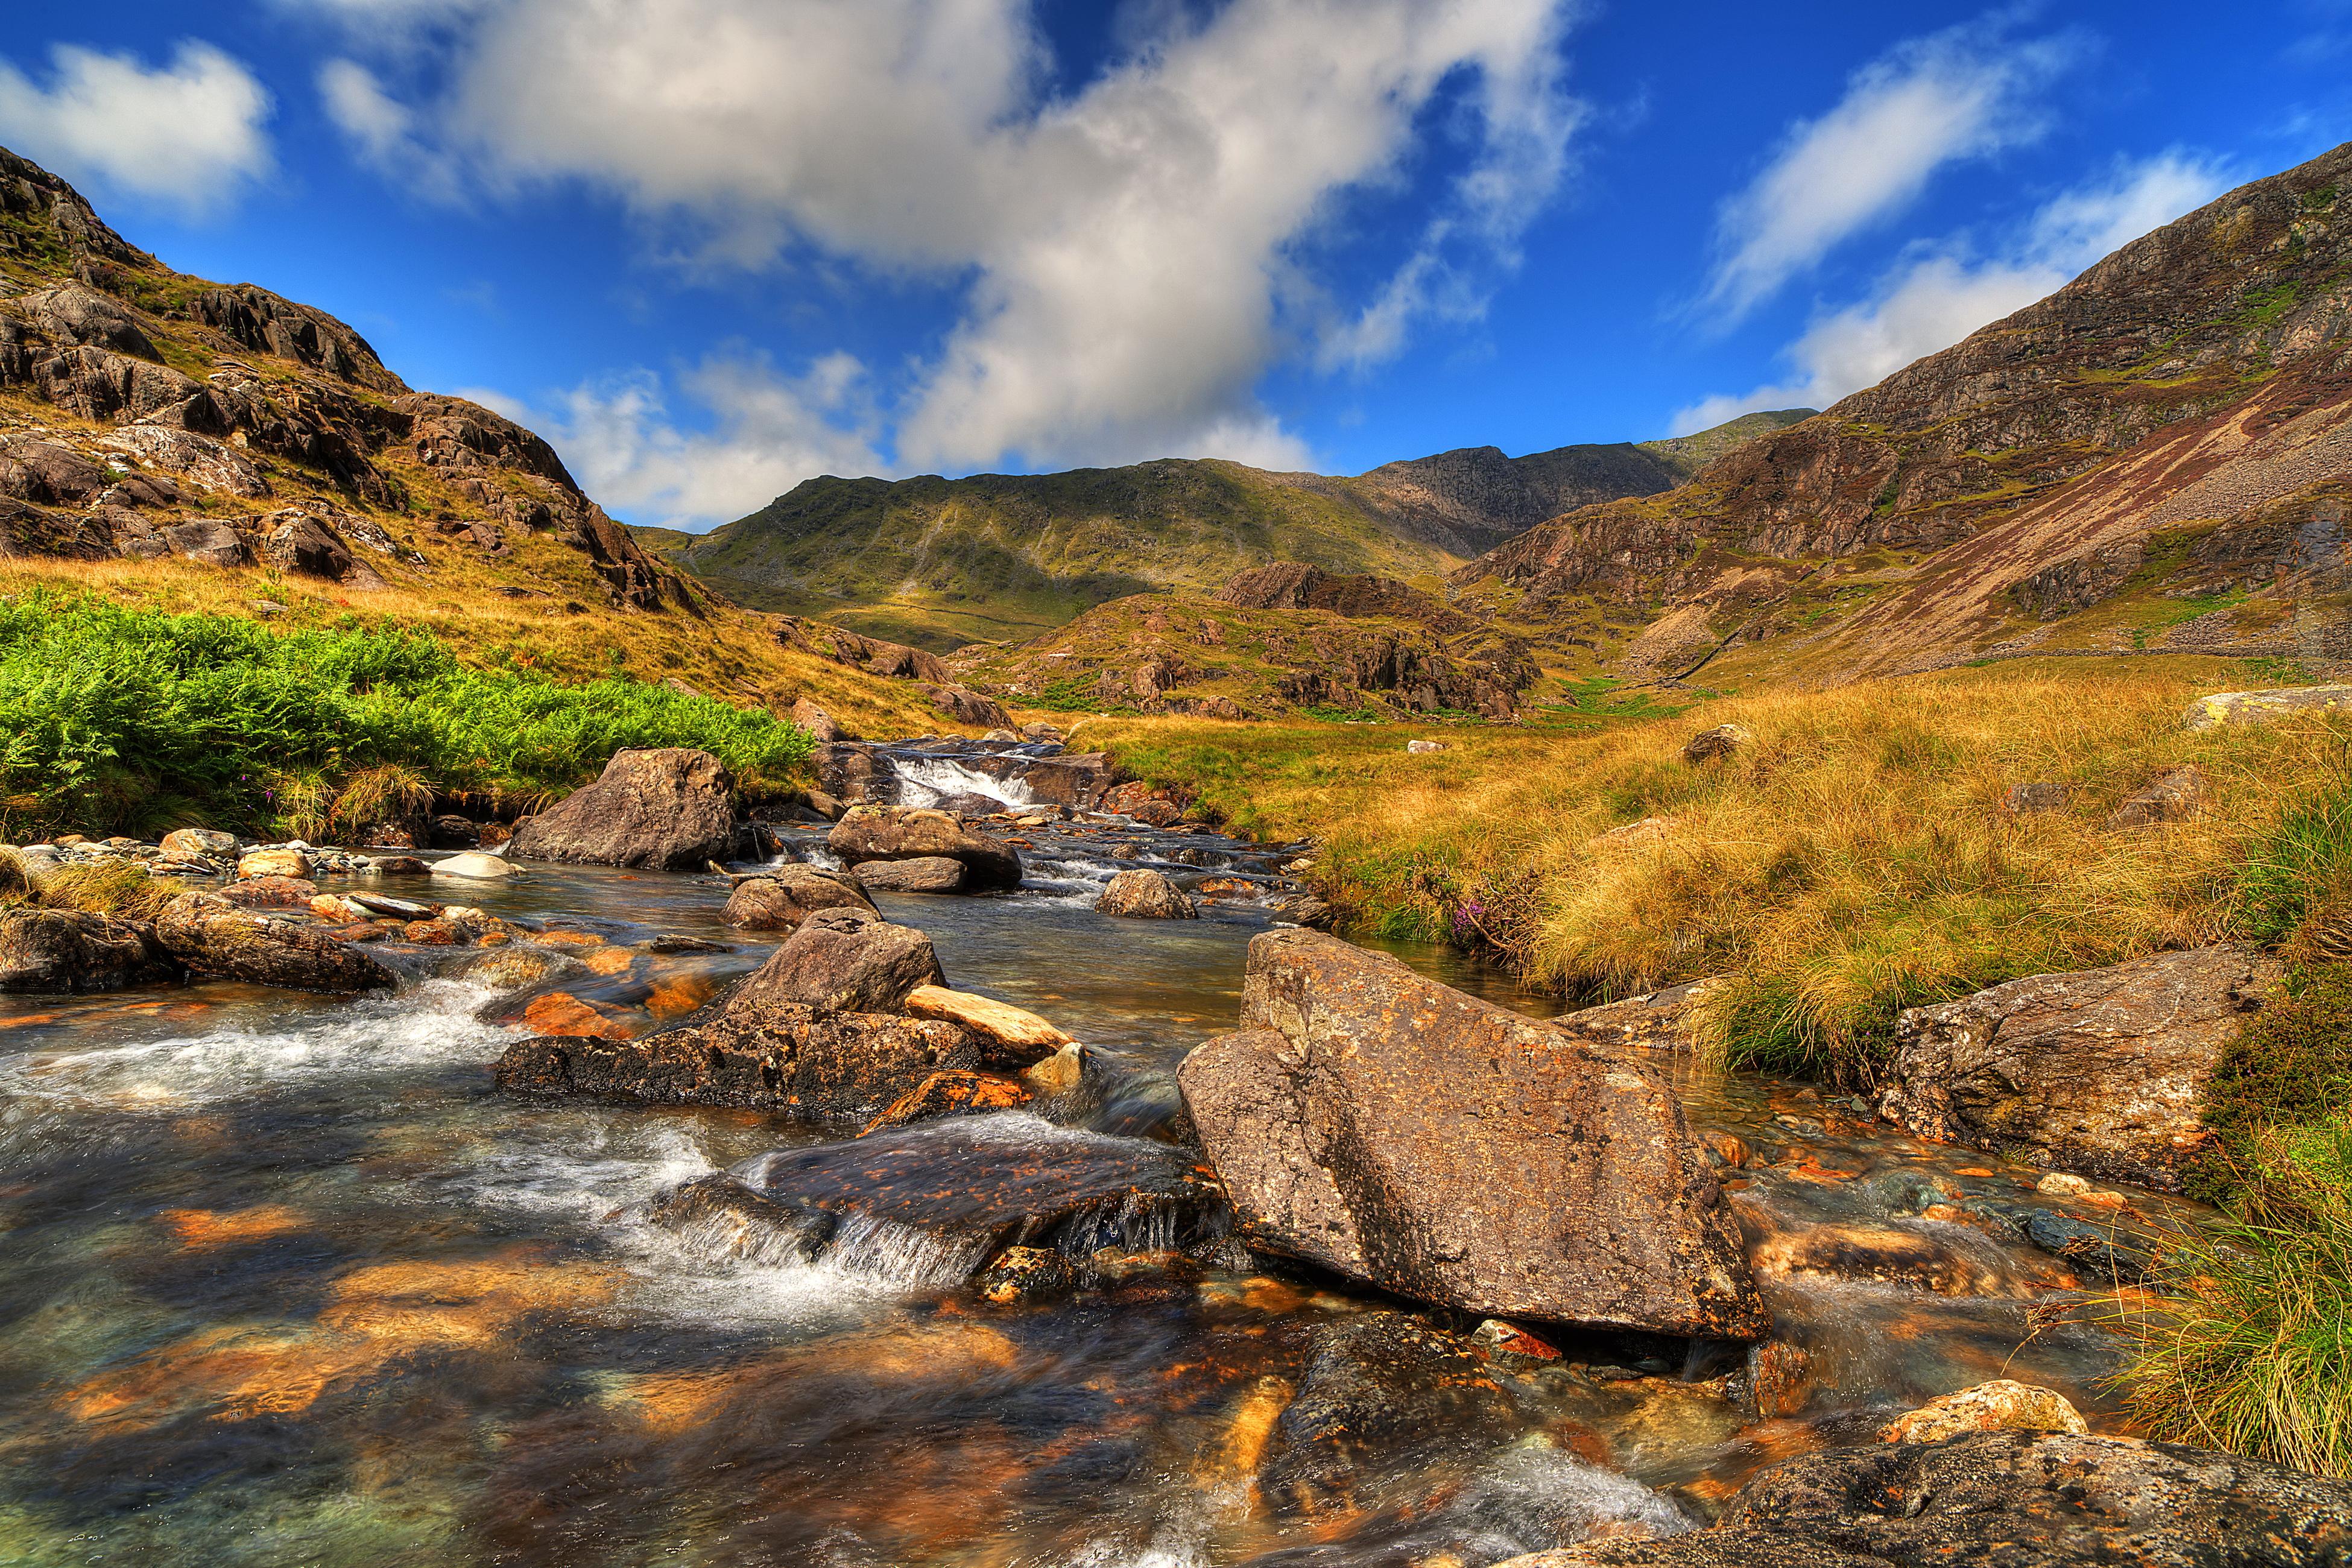 природа река камни трава Сноудон гора скачать